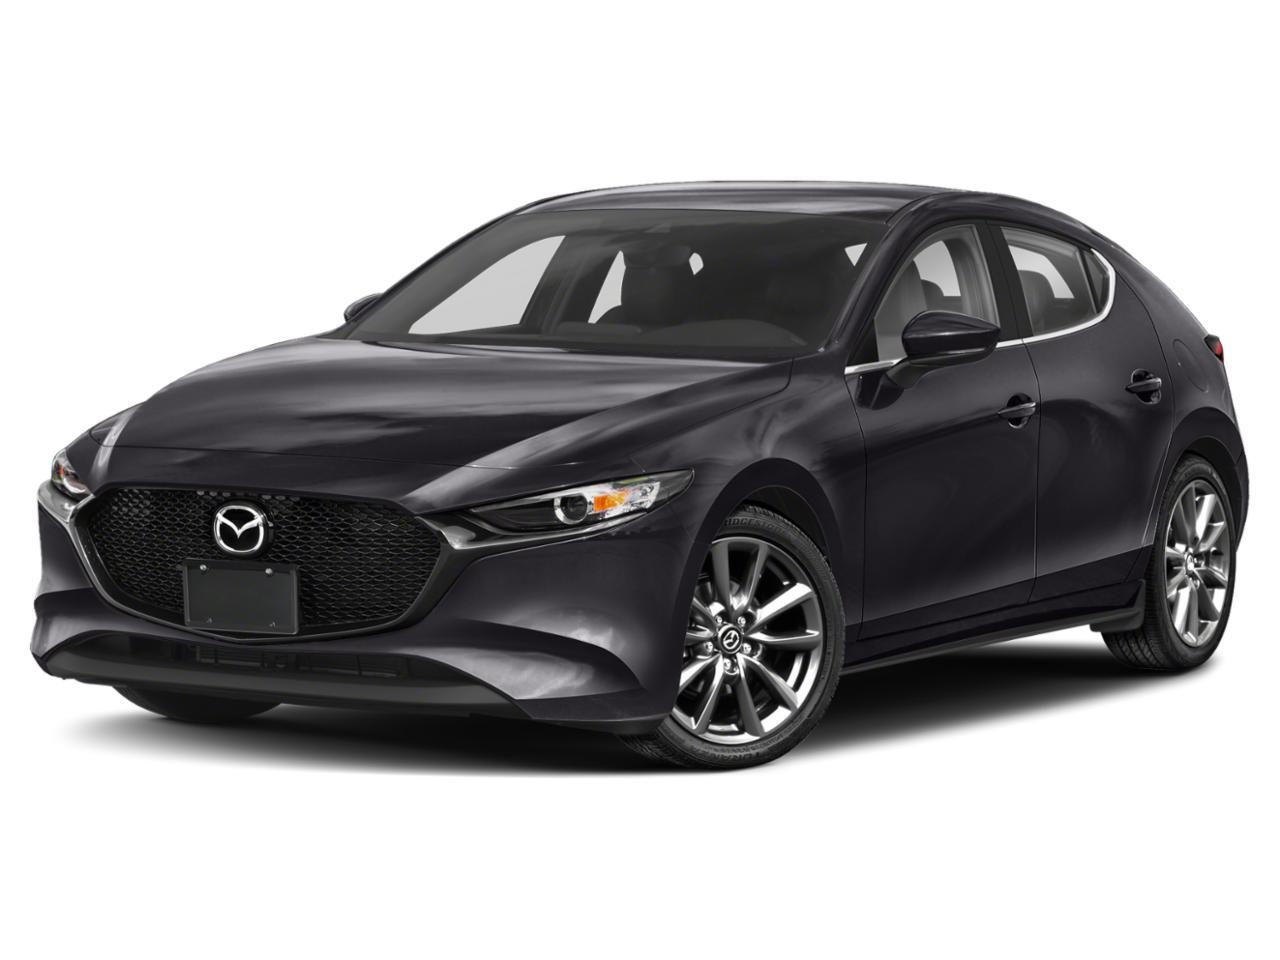 2021 Mazda Mazda3 Hatchback Vehicle Photo in Appleton, WI 54913